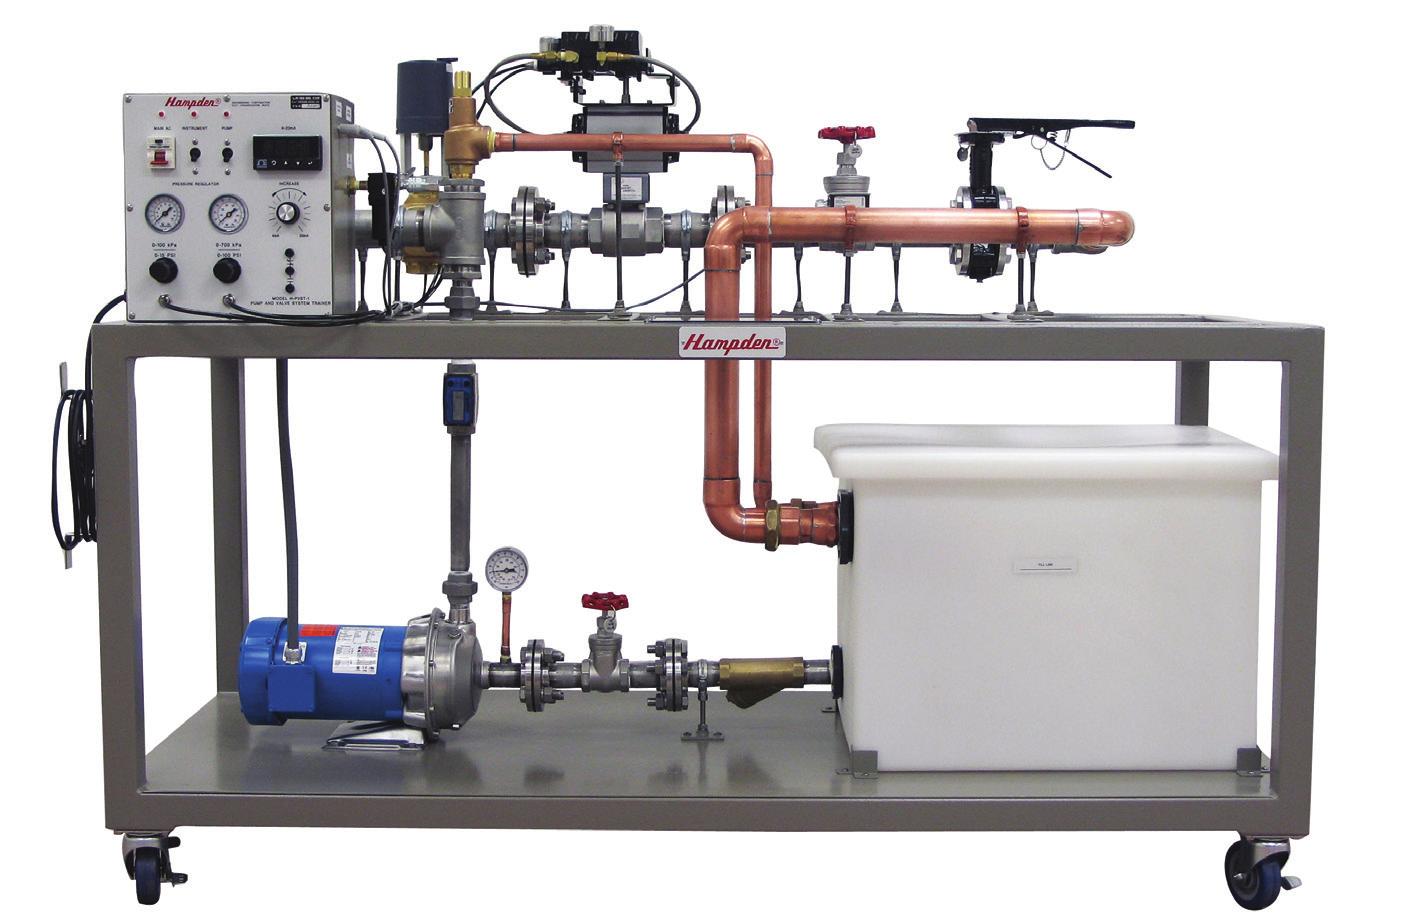 Sistema de Treinamento em Bombas e Válvulas – Ref. DT-MT026